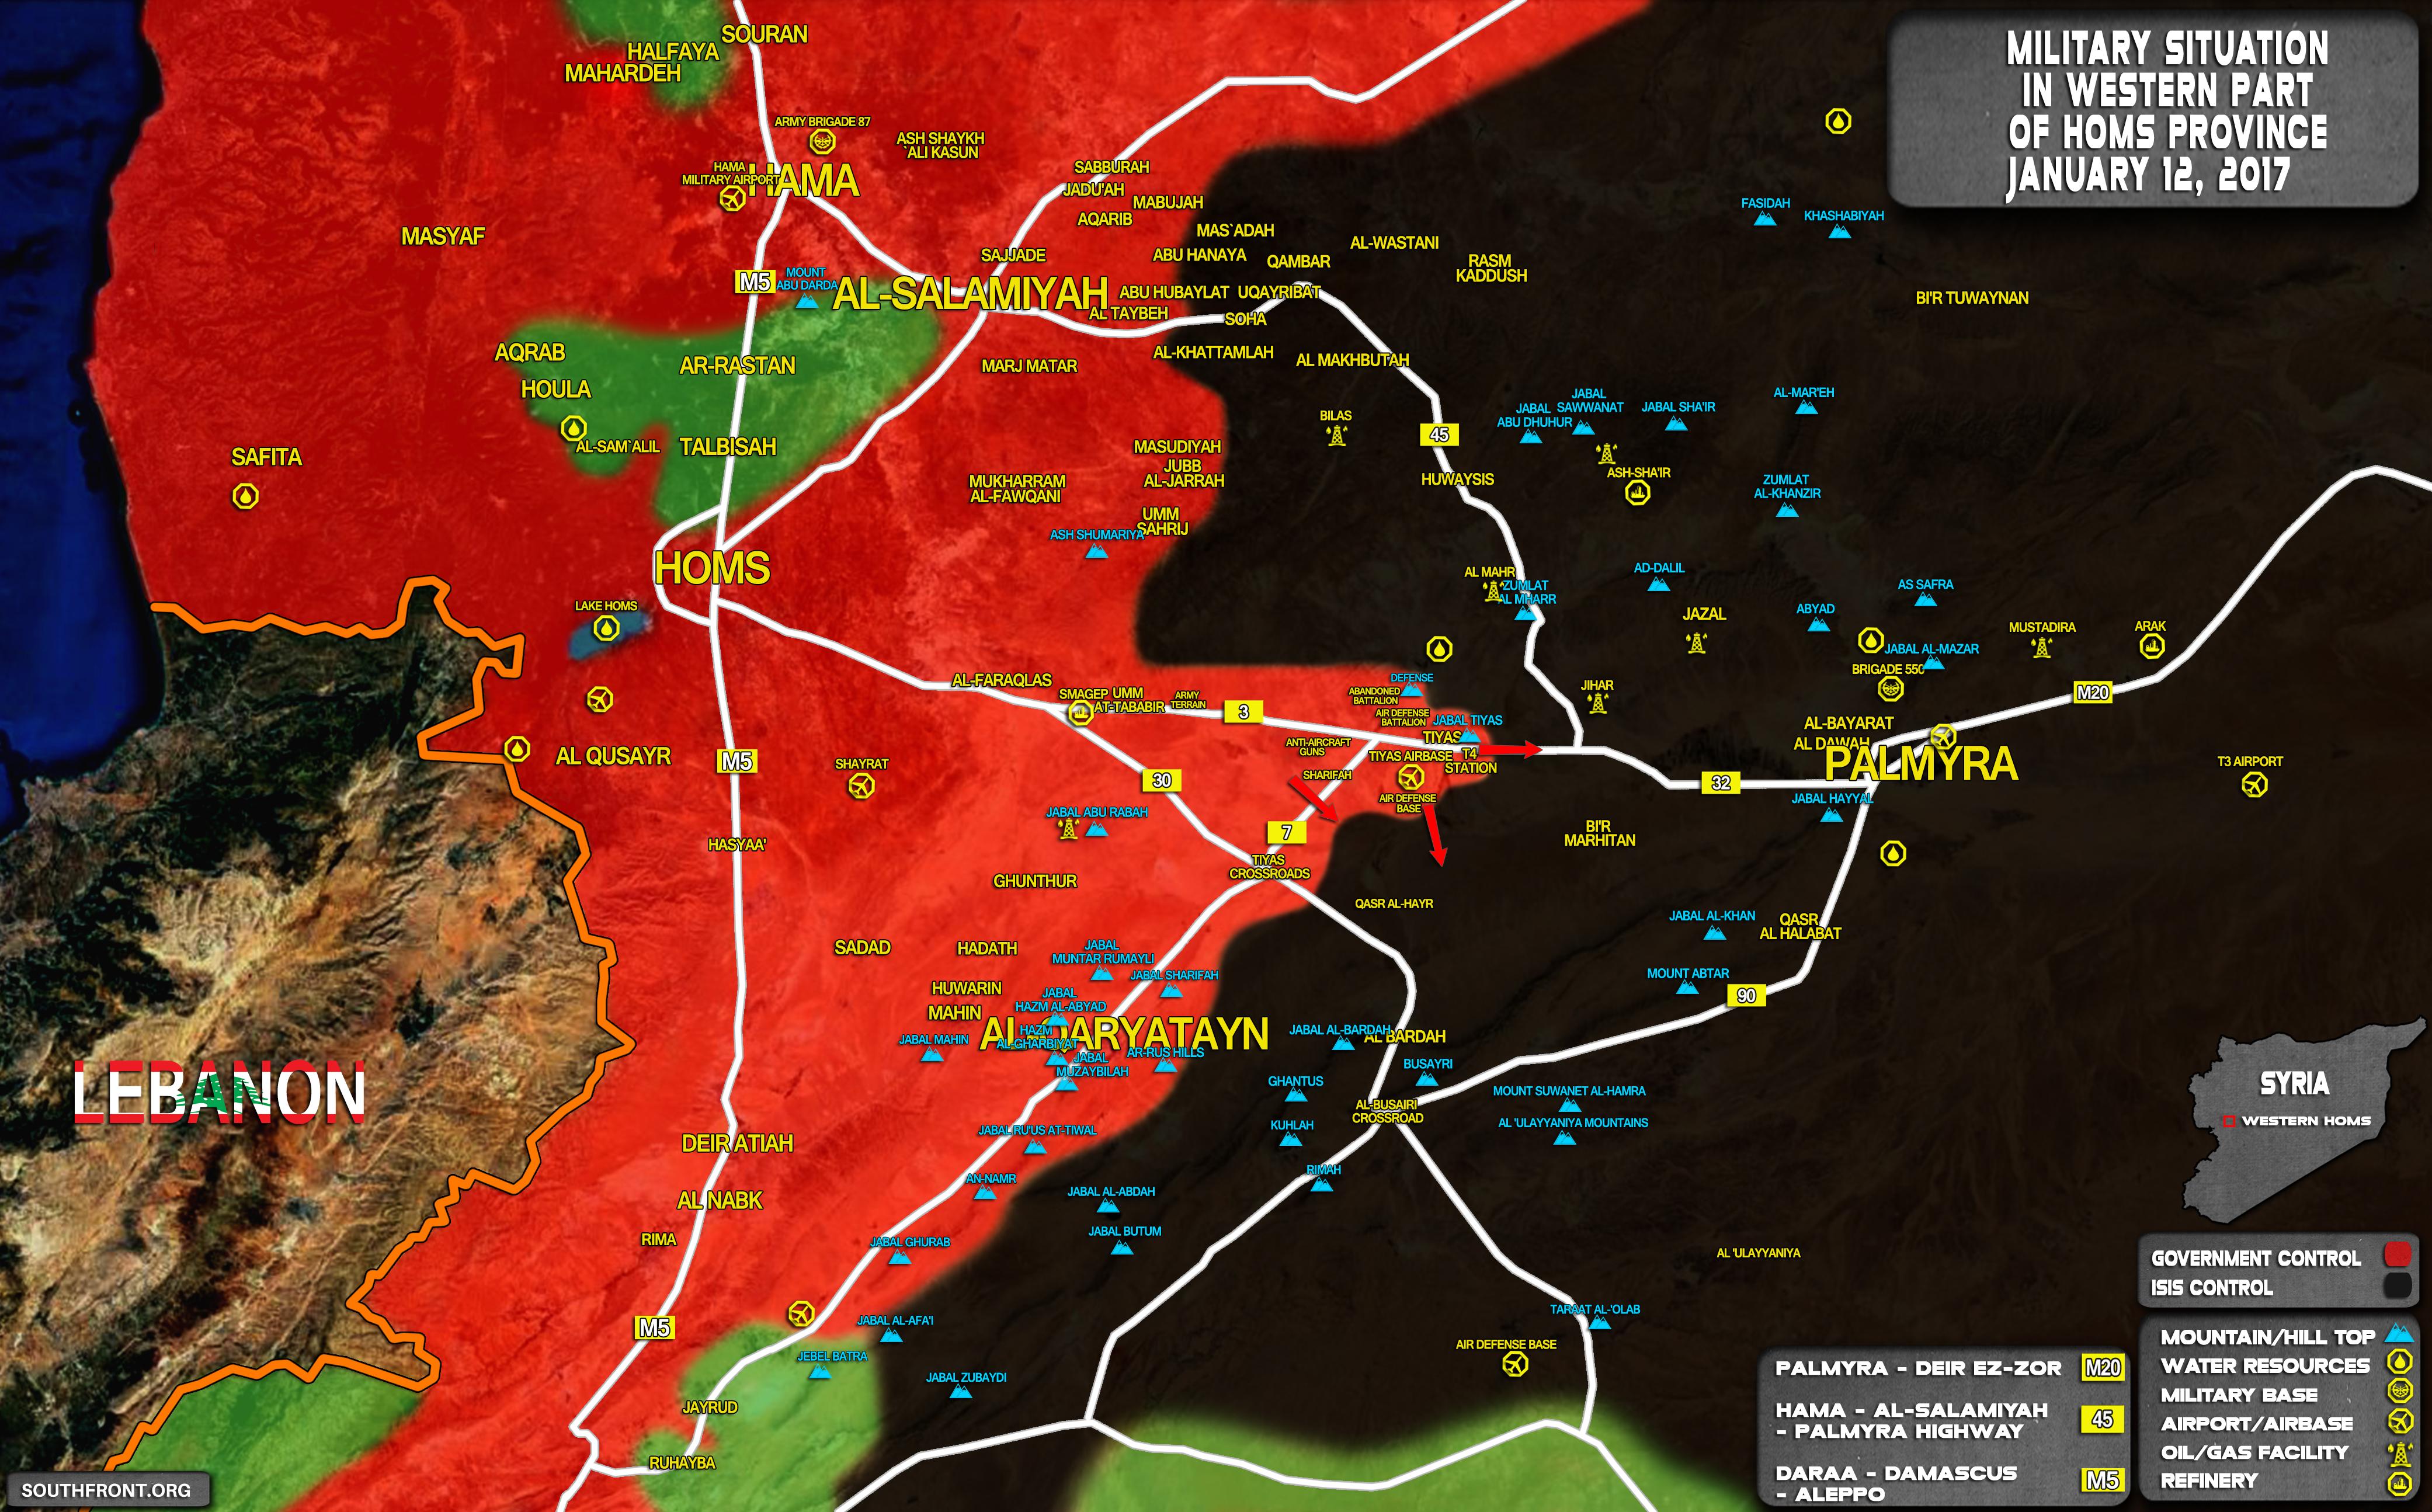 [BIZTPOL] Szíria és Irak - 3. - Page 2 12jan_Homs_Province_Syria_War_Map1